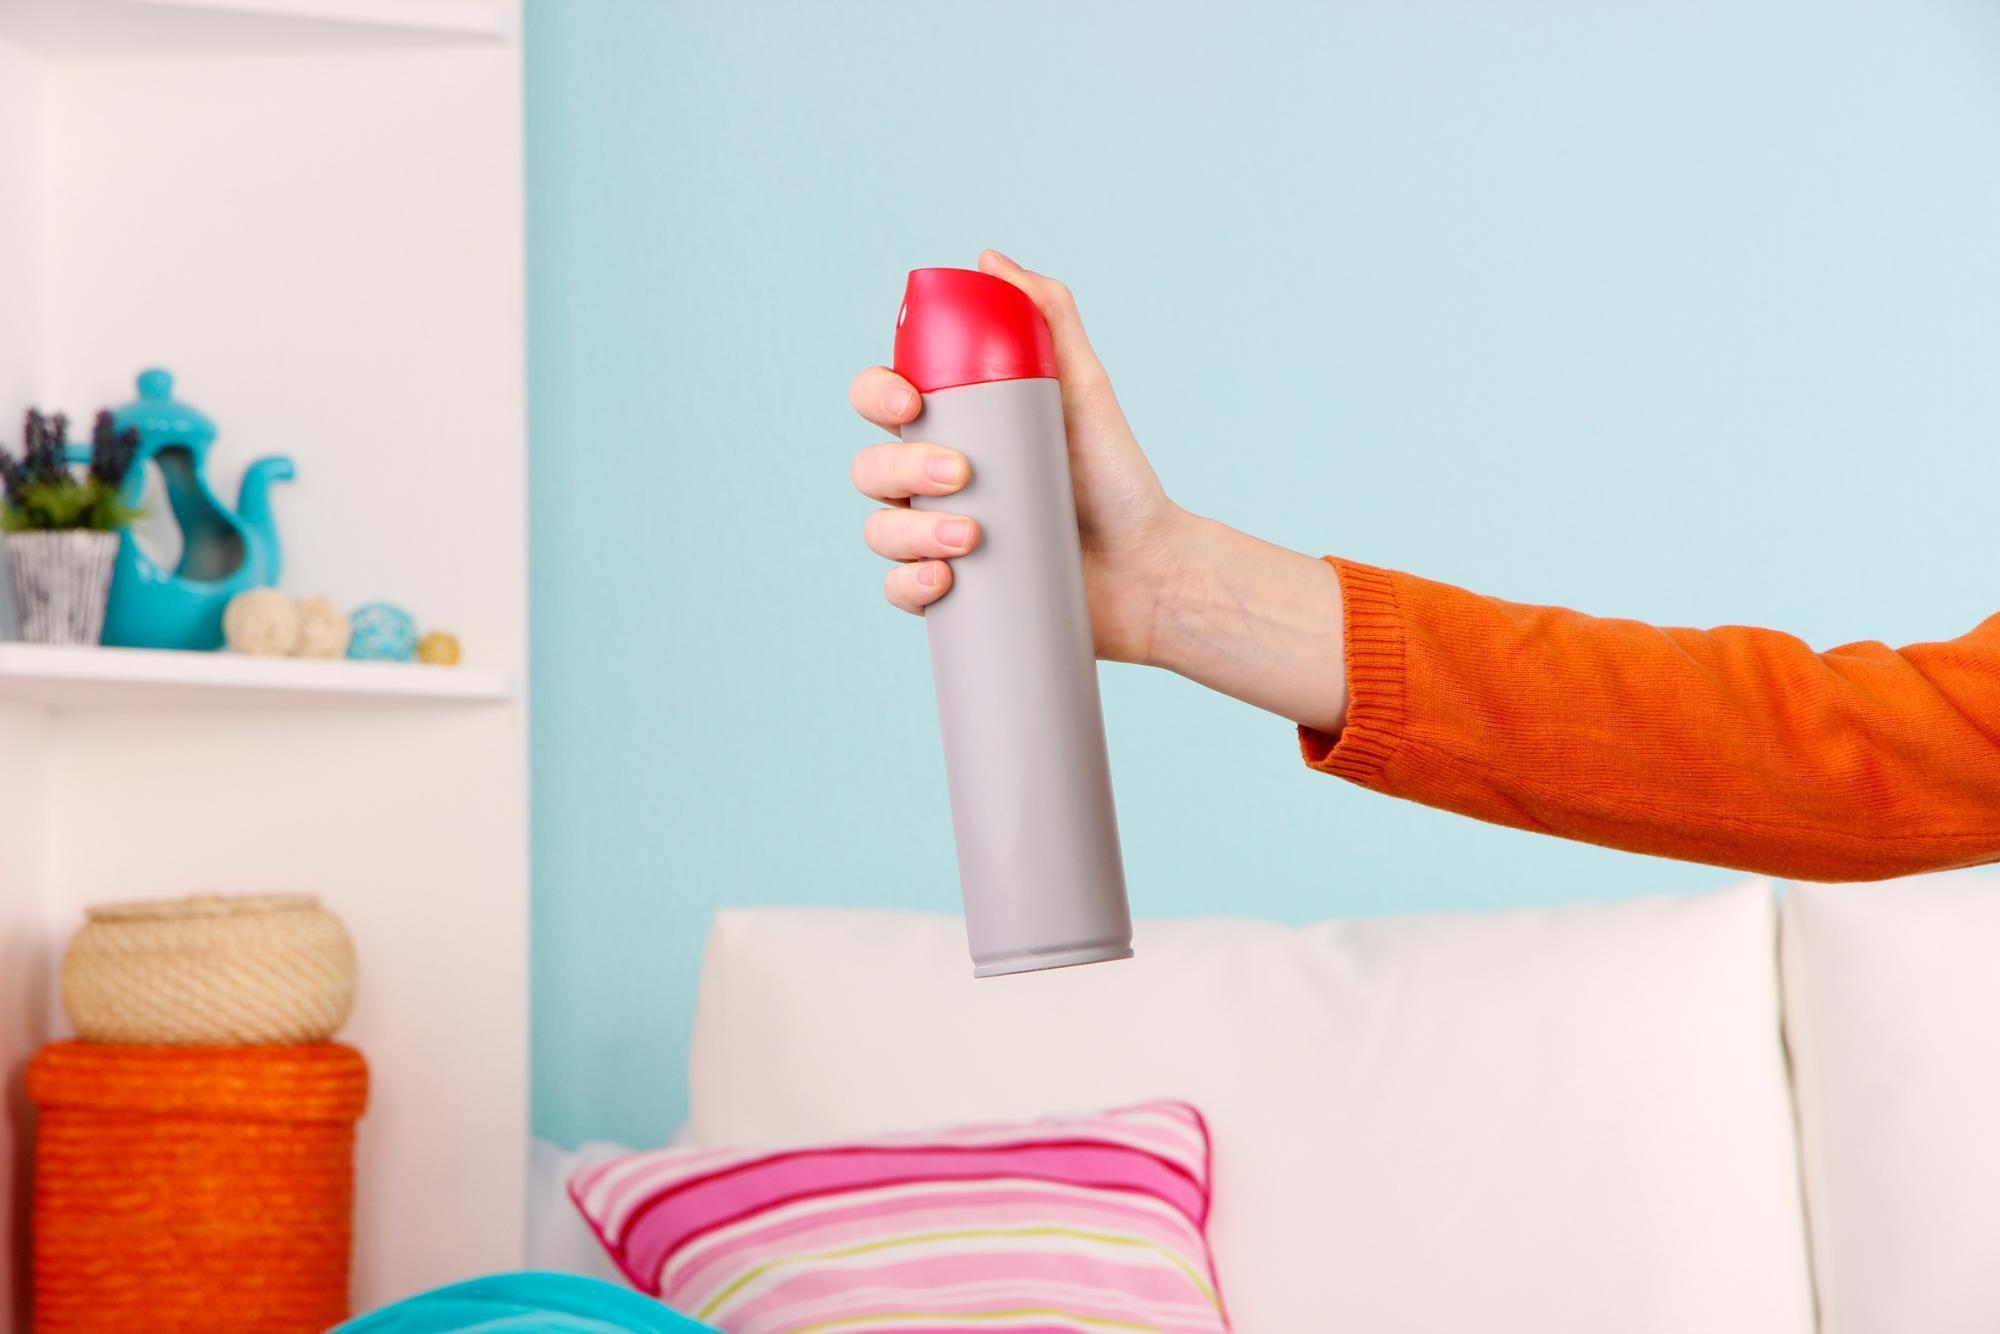 Убрать запах краски в квартире быстро